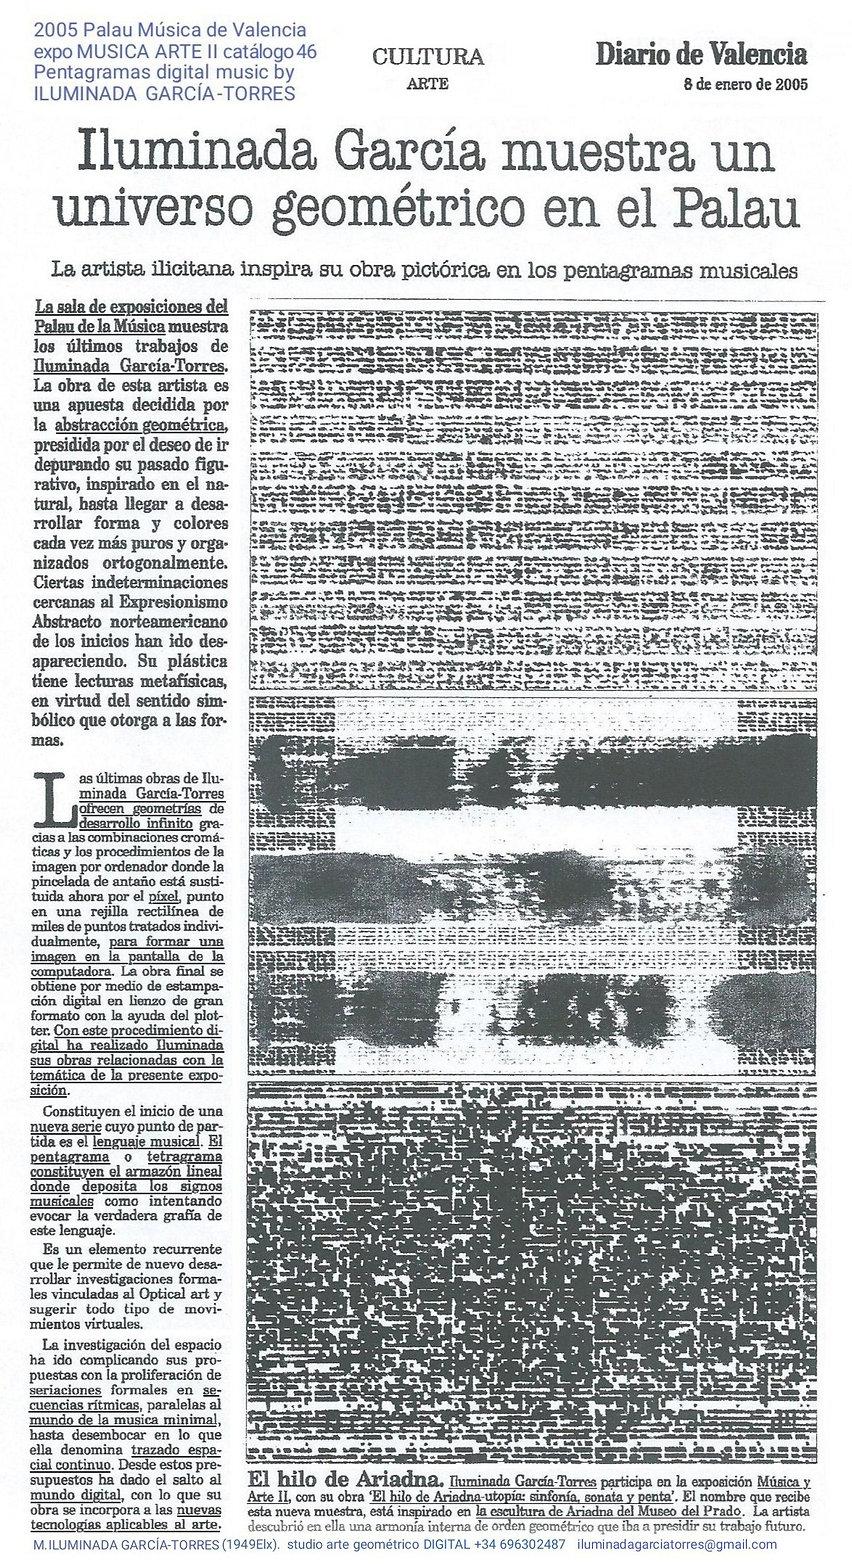 2005 Diario de Valencia 8enero. PalauMúsica Valencia expoMUSICA ARTE II catalog46 (10).jpg